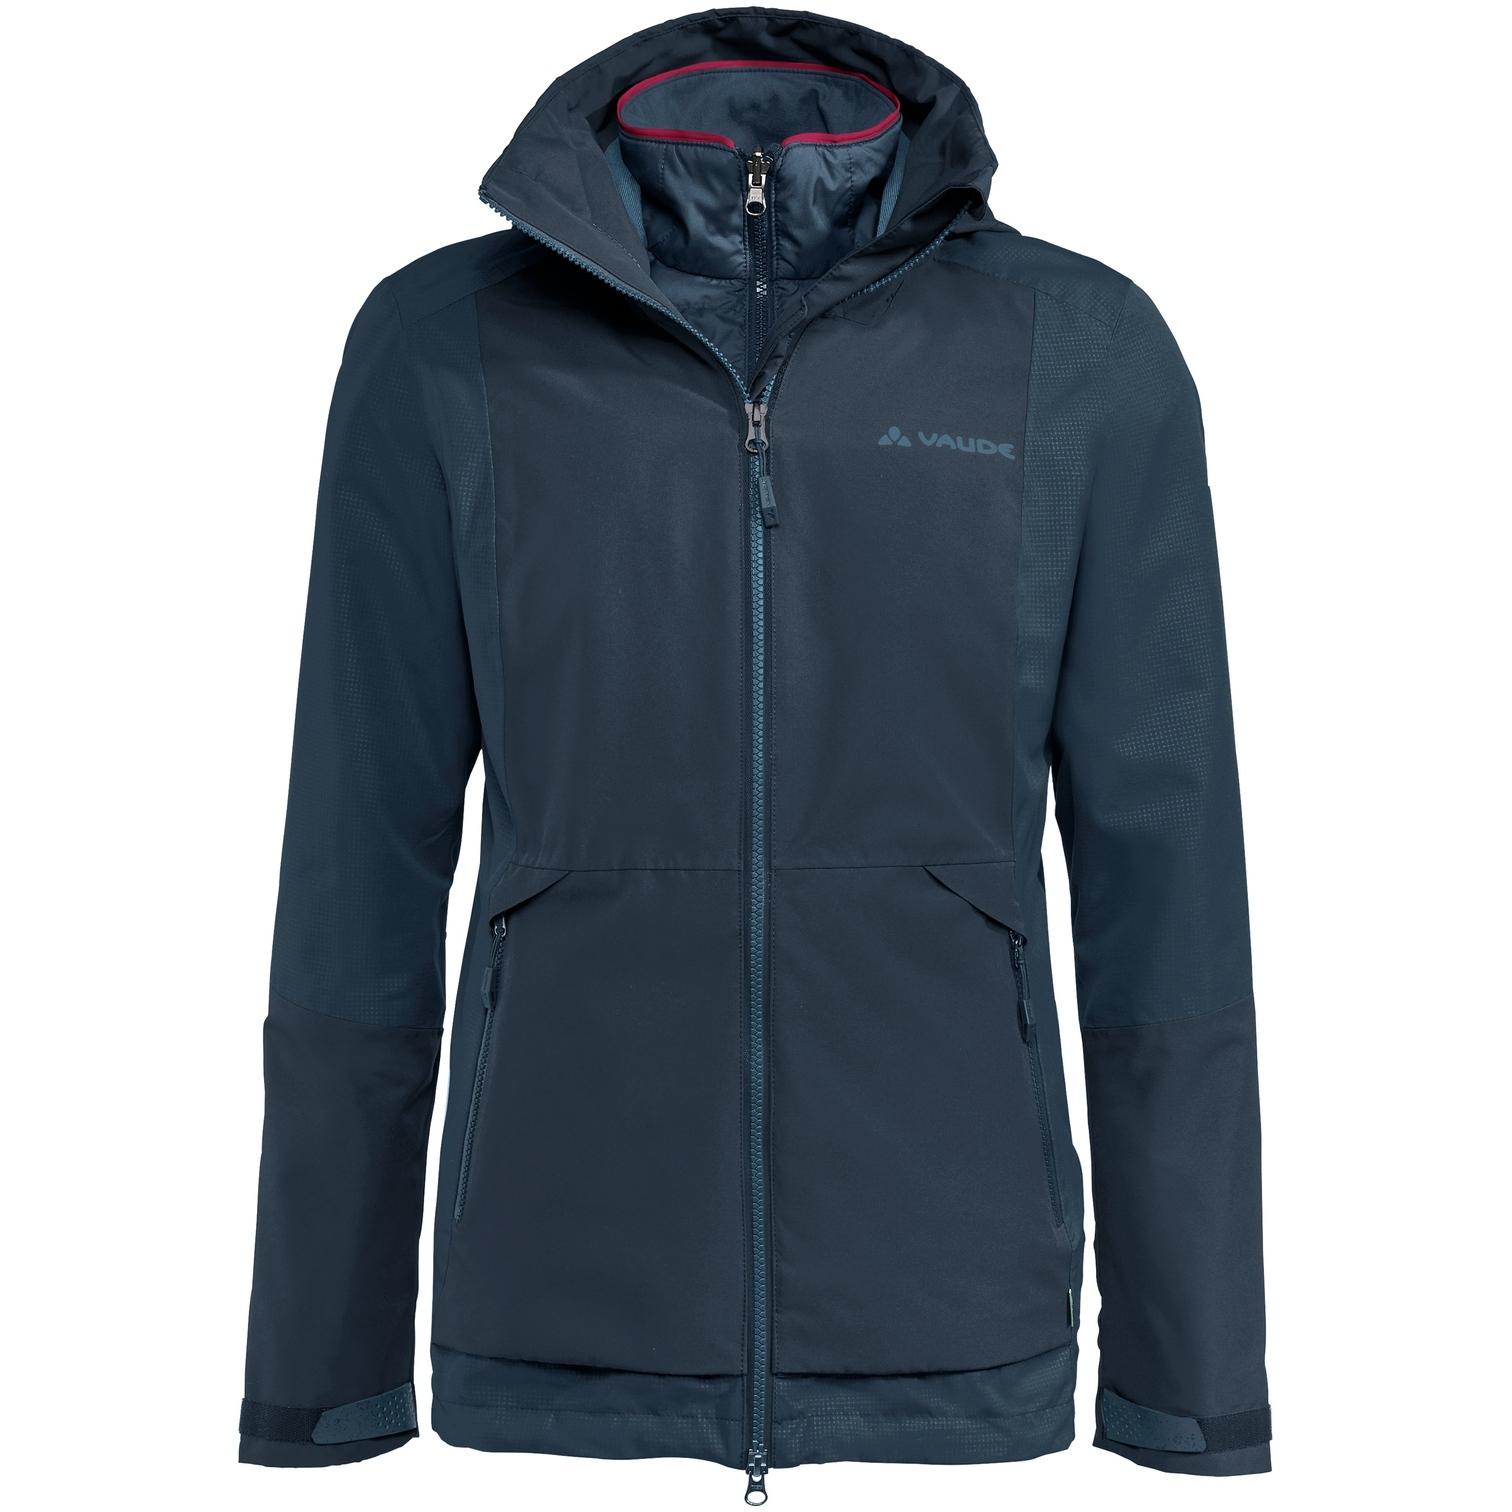 Vaude Women's Elope 3in1 Jacket - dark sea